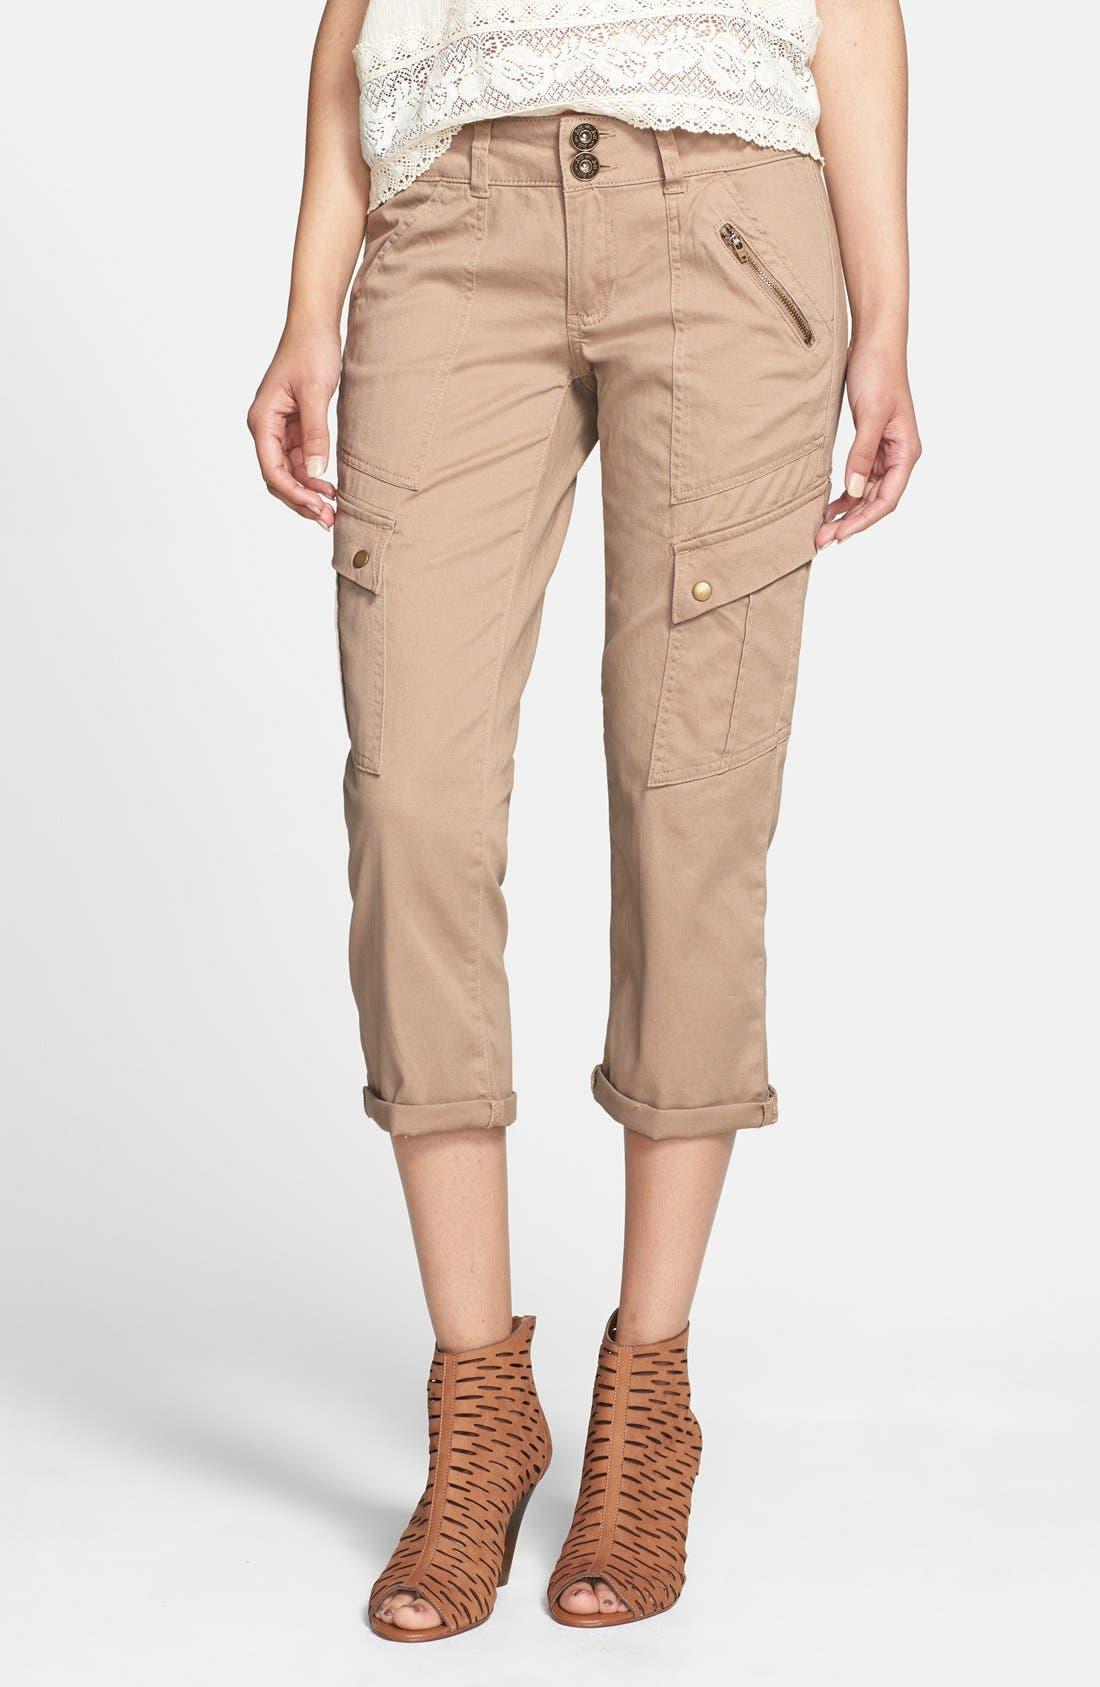 Alternate Image 1 Selected - Jolt Cargo Pocket Crop Pants (Juniors) (Online Only)